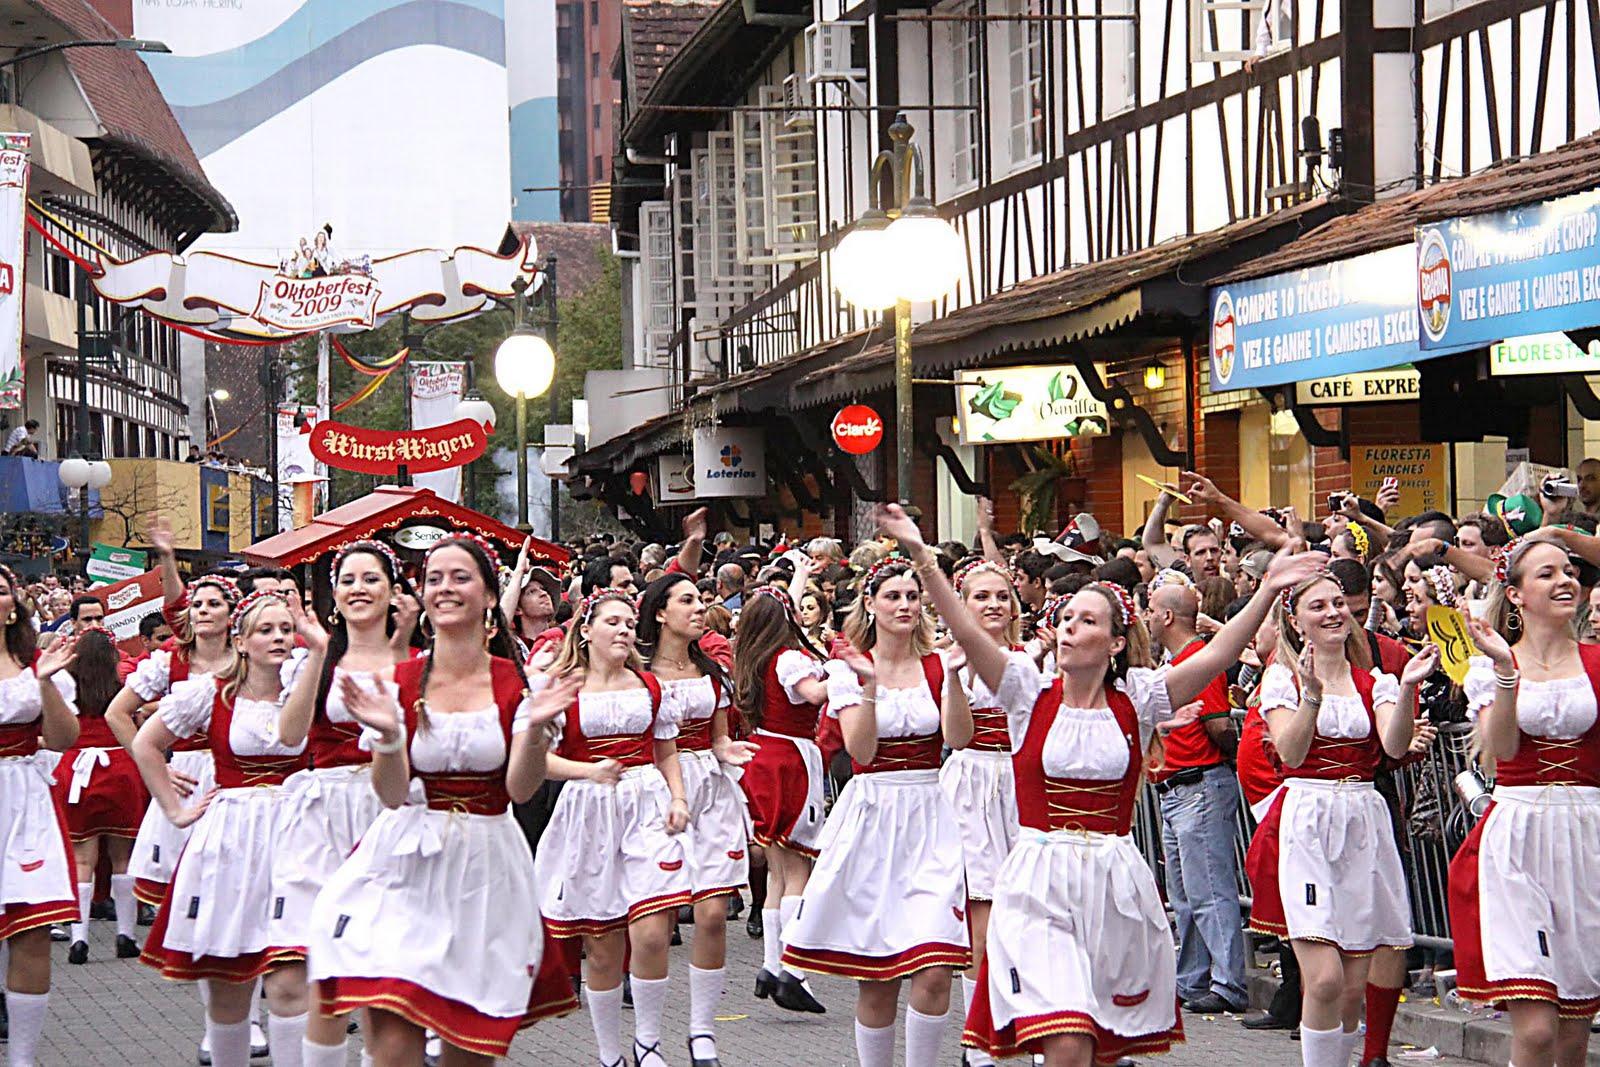 Oktoberfest Blumenau Brasile